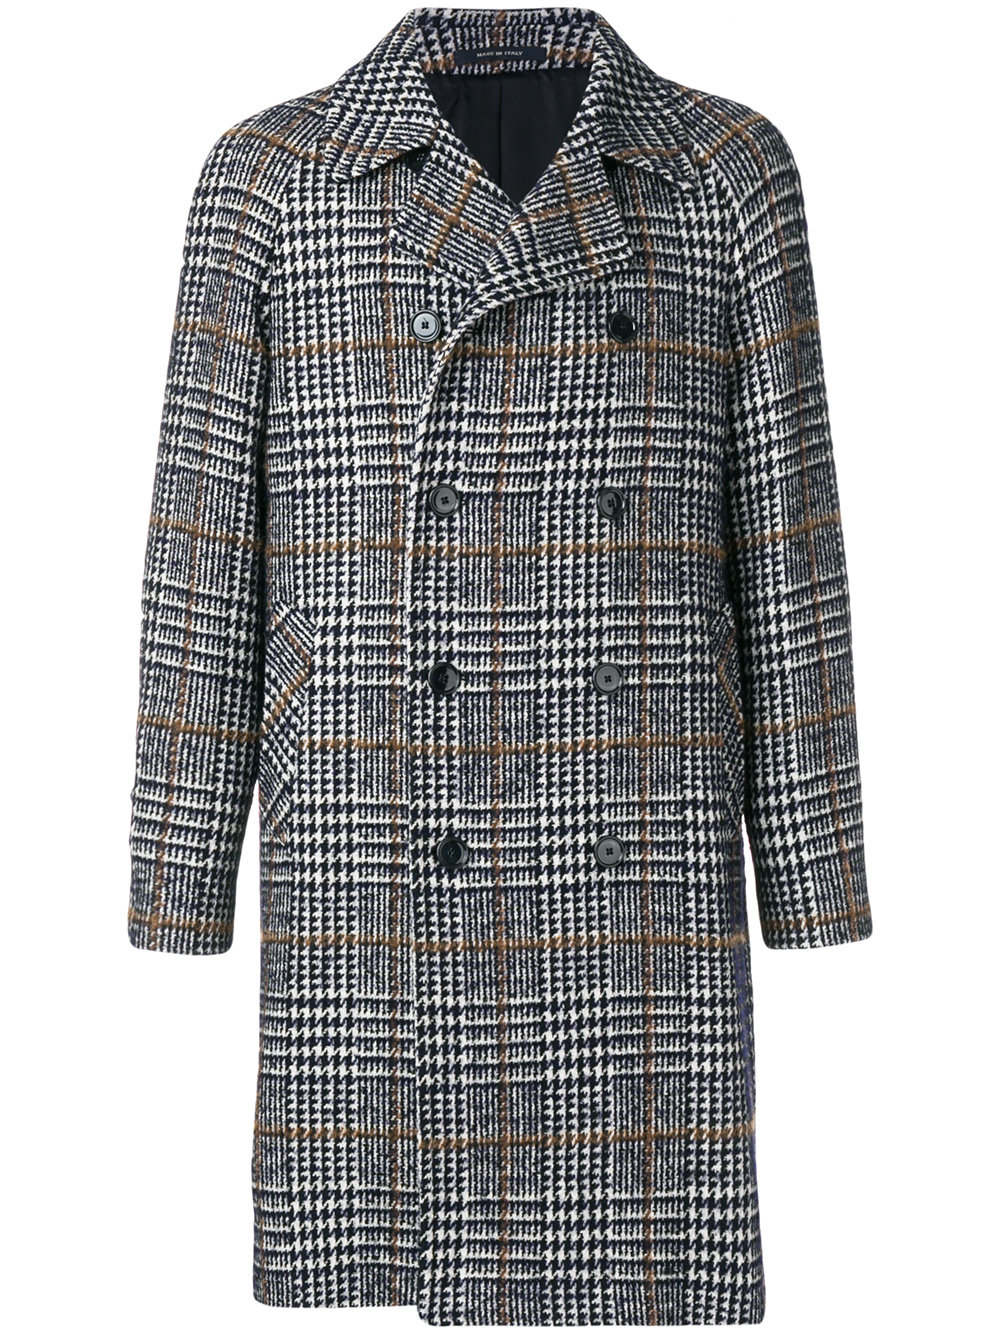 Tagliatore Checked Overcoat £530